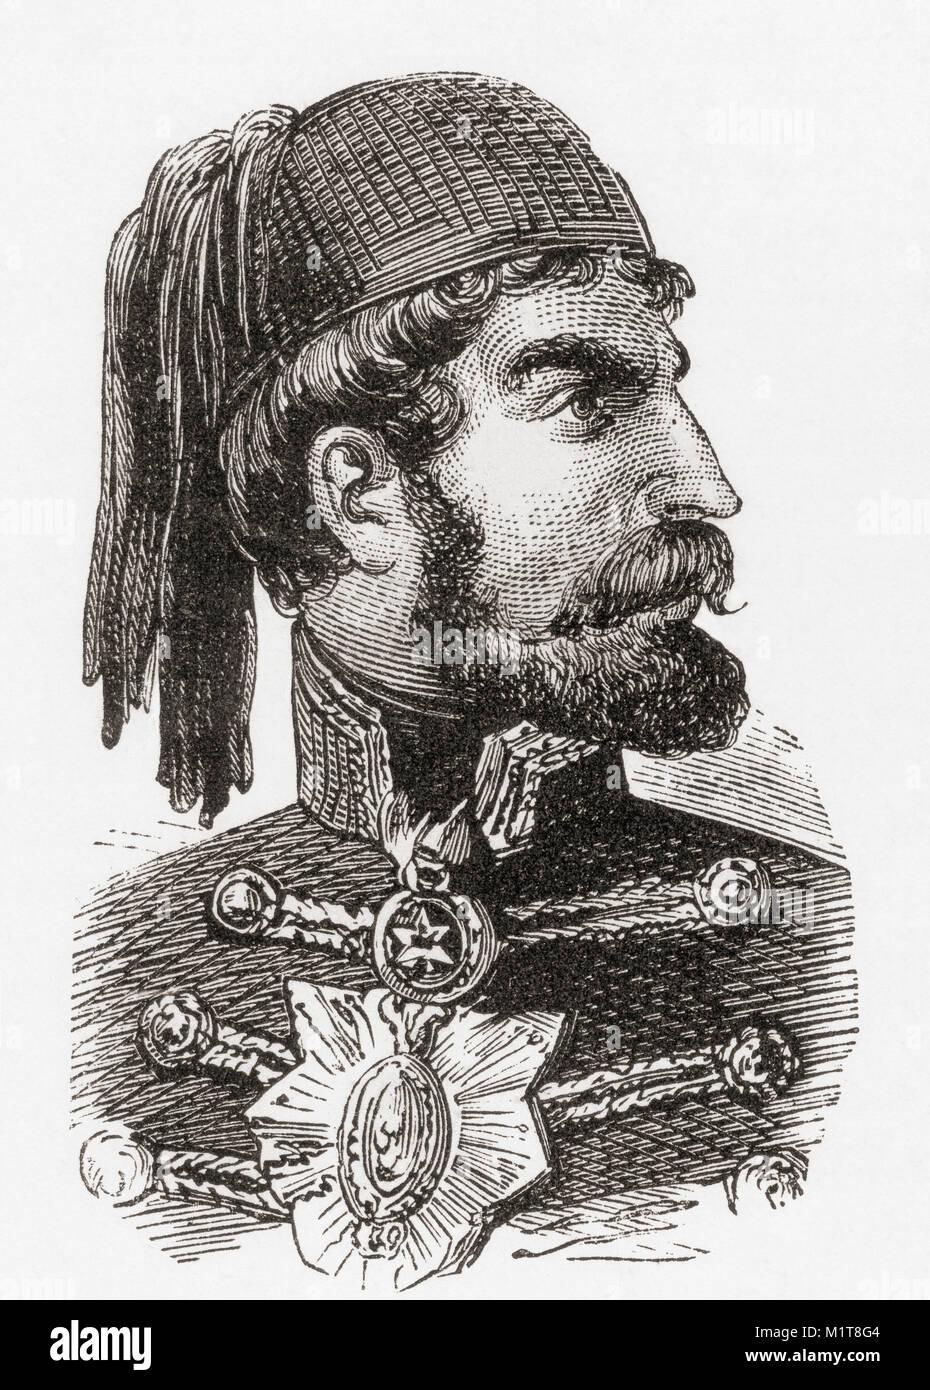 Omar Pasha Latas, 1806-1871. El mariscal de campo y gobernador otomano. De Ward y bloquear el ilustrado de la historia del mundo, publicado c.1882. Foto de stock